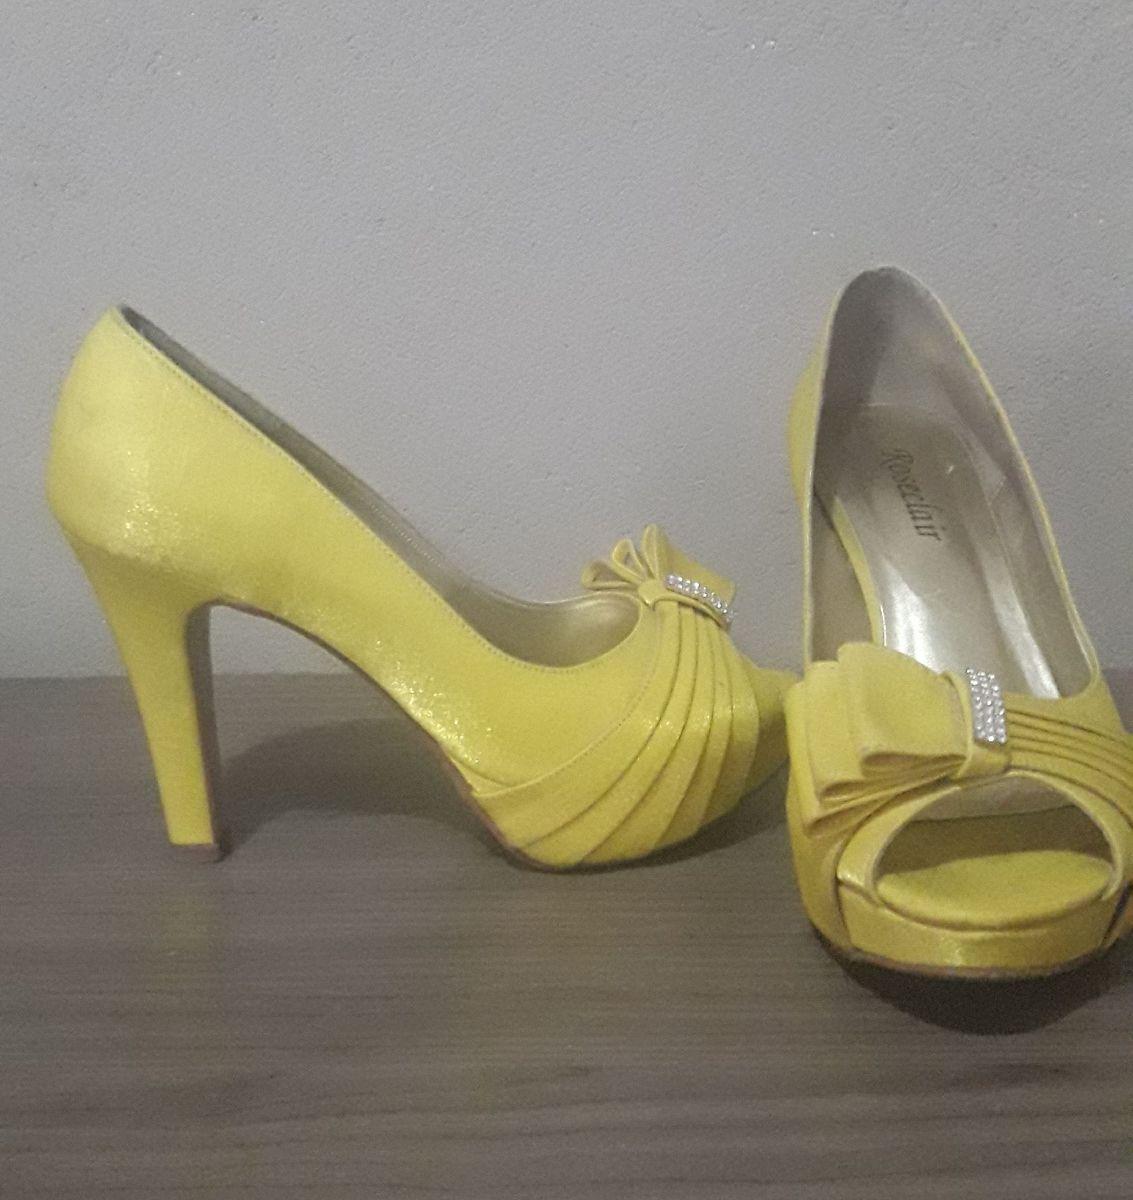 aed95e60a salto amarelo cetim - sapatos roseclair.  Czm6ly9wag90b3muzw5qb2vplmnvbs5ici9wcm9kdwn0cy81ndawmdazlzviywu0ndc0mjexmzm2yzzhnguyy2iwm2m3ntnmmjkzlmpwzw